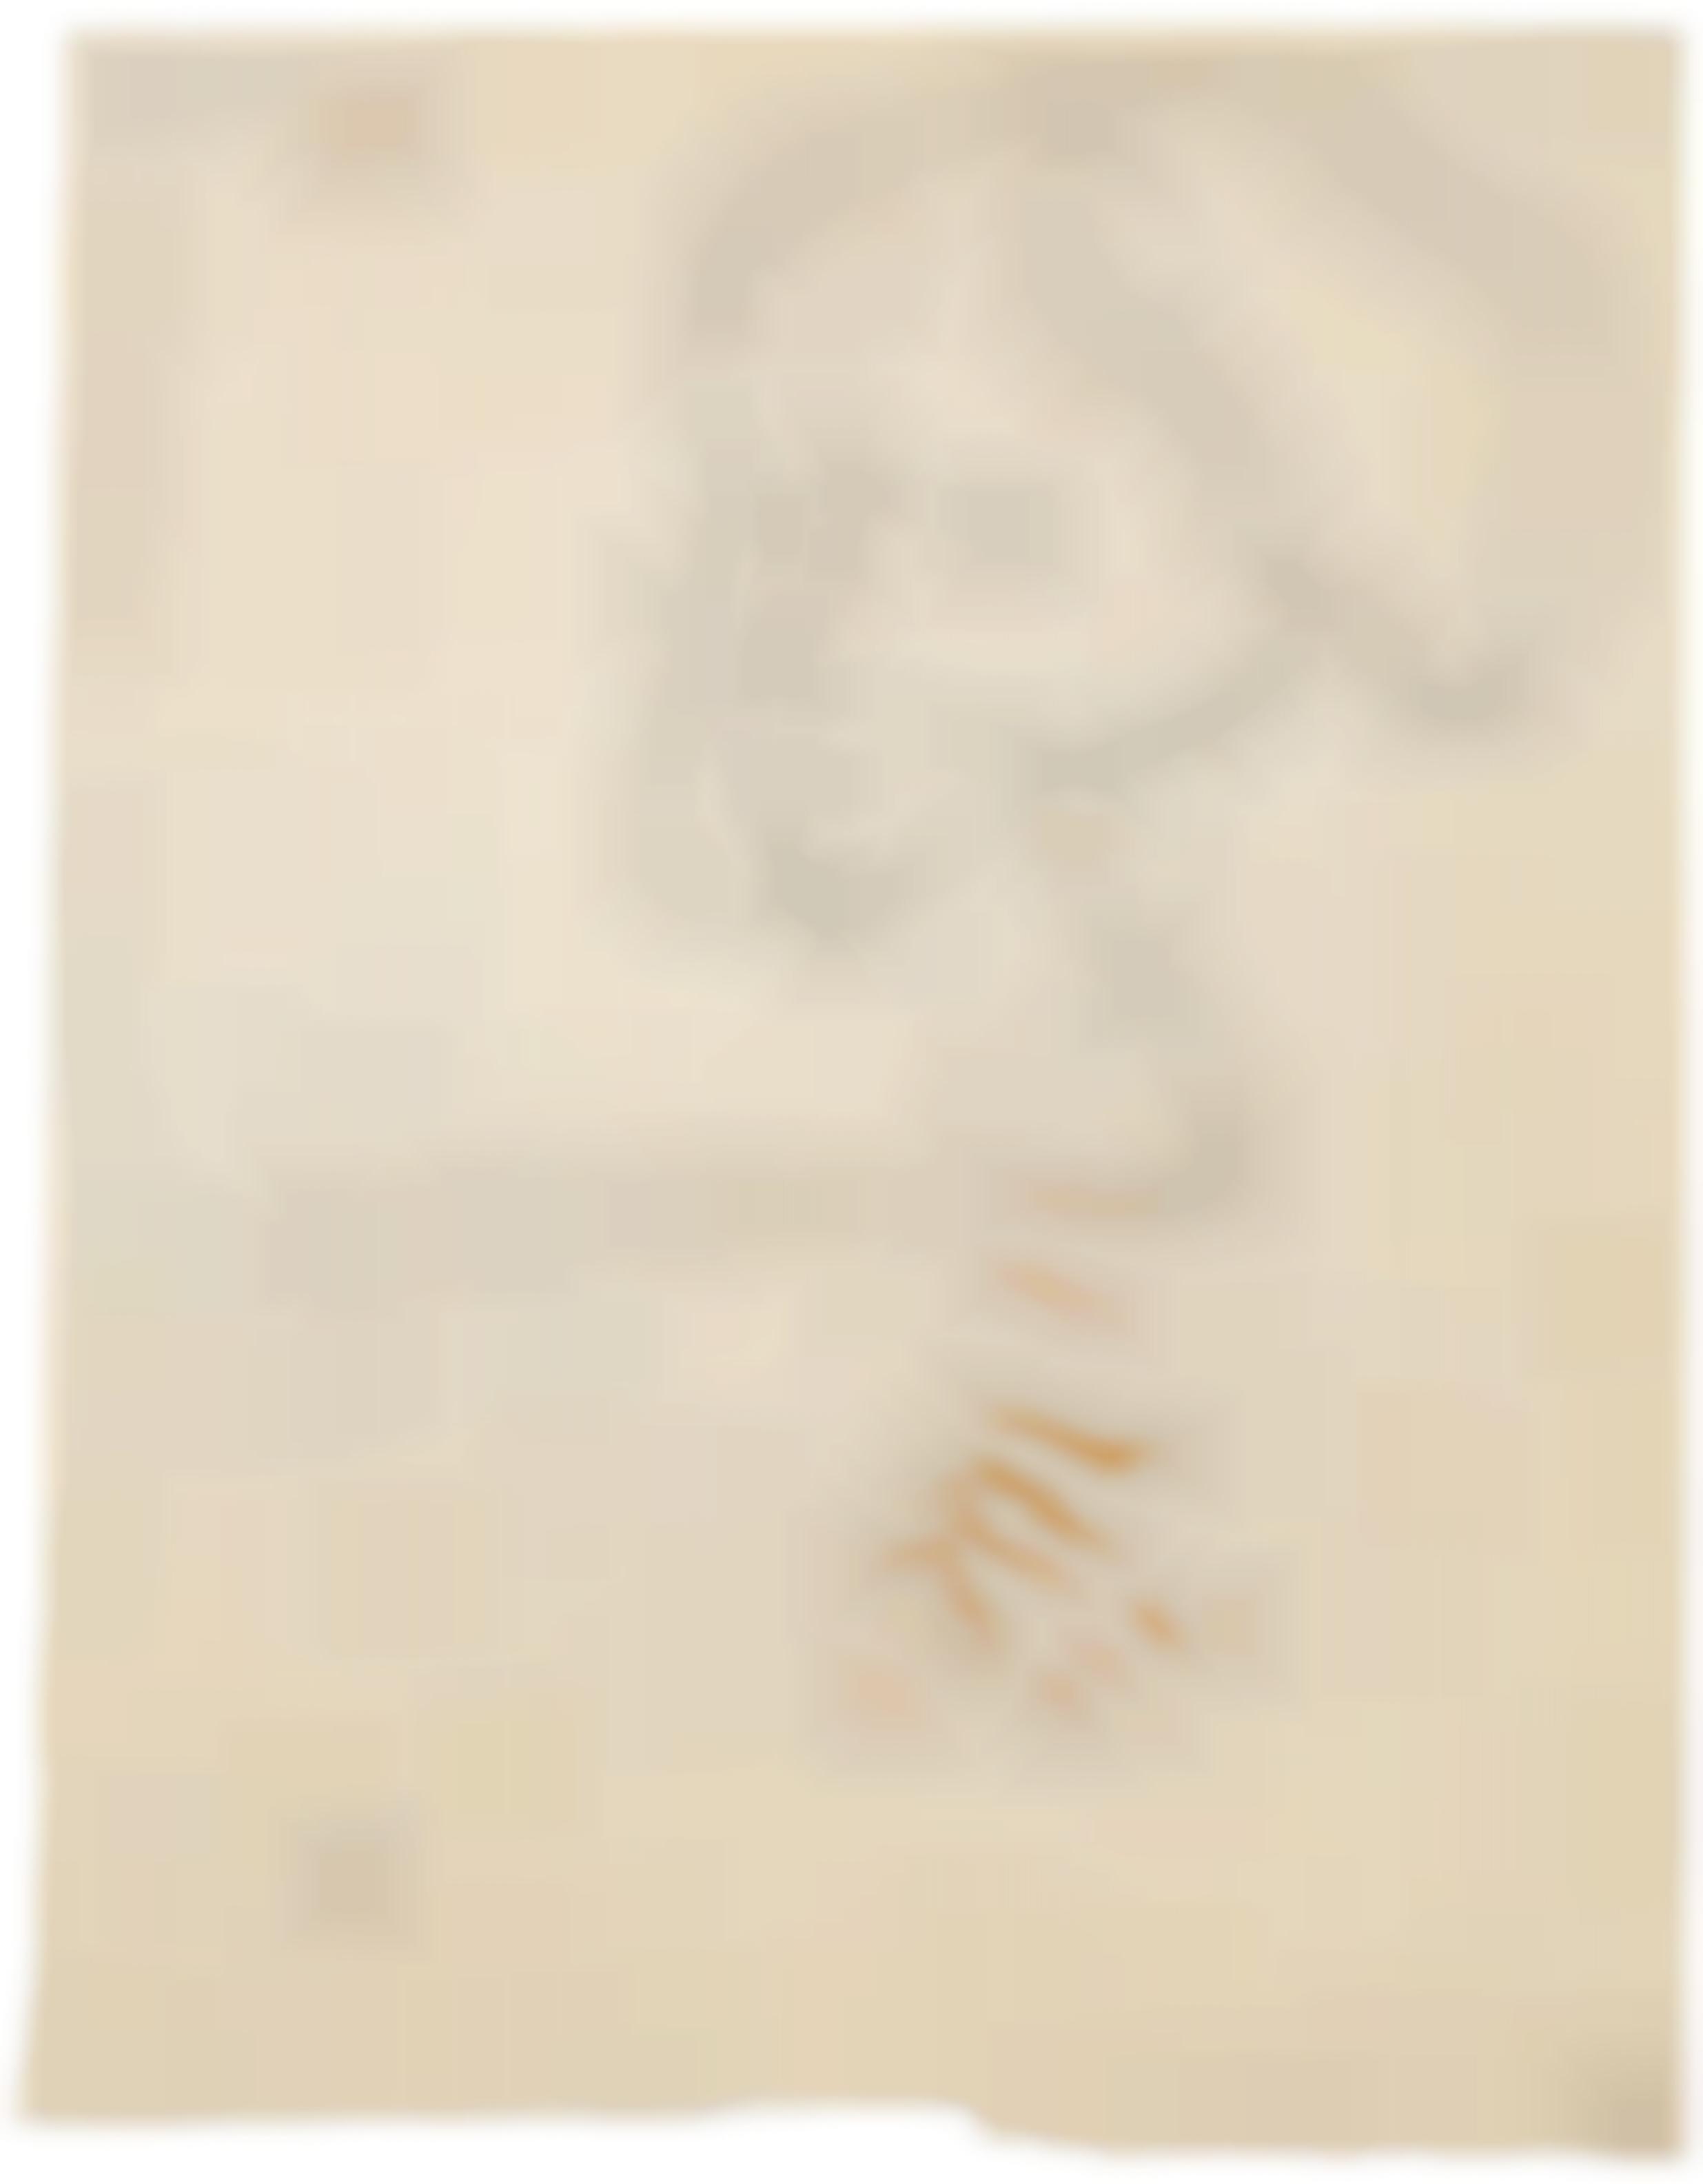 Joseph Beuys-Portrait Hk.-1956